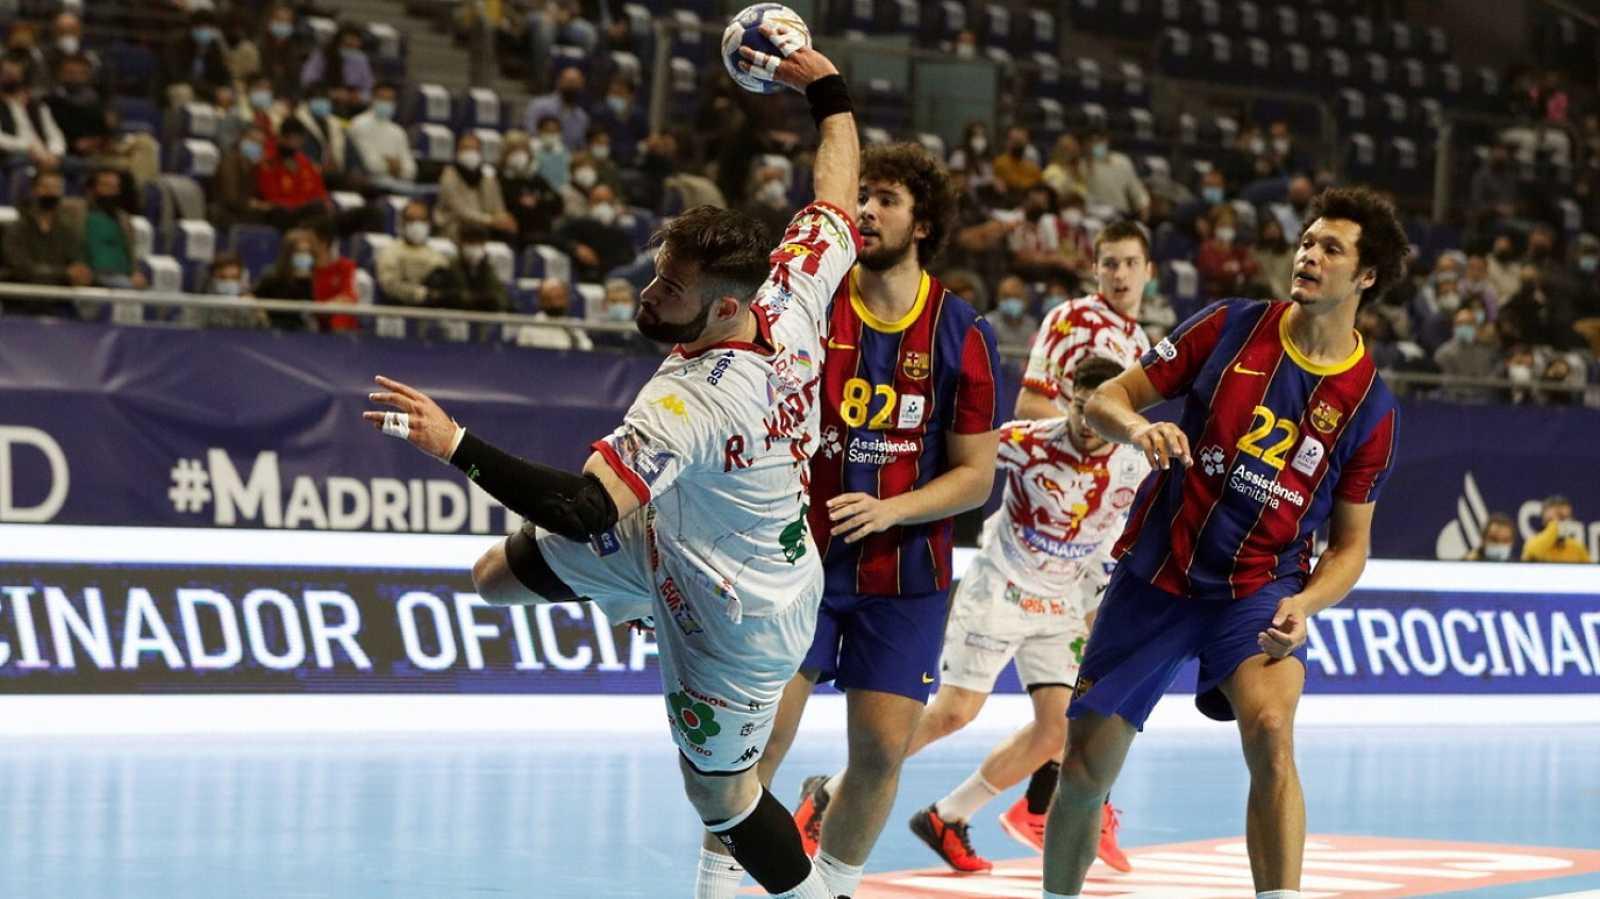 Balonmano - Copa del Rey. Final: Barça - Abanca Ademar León - ver ahora